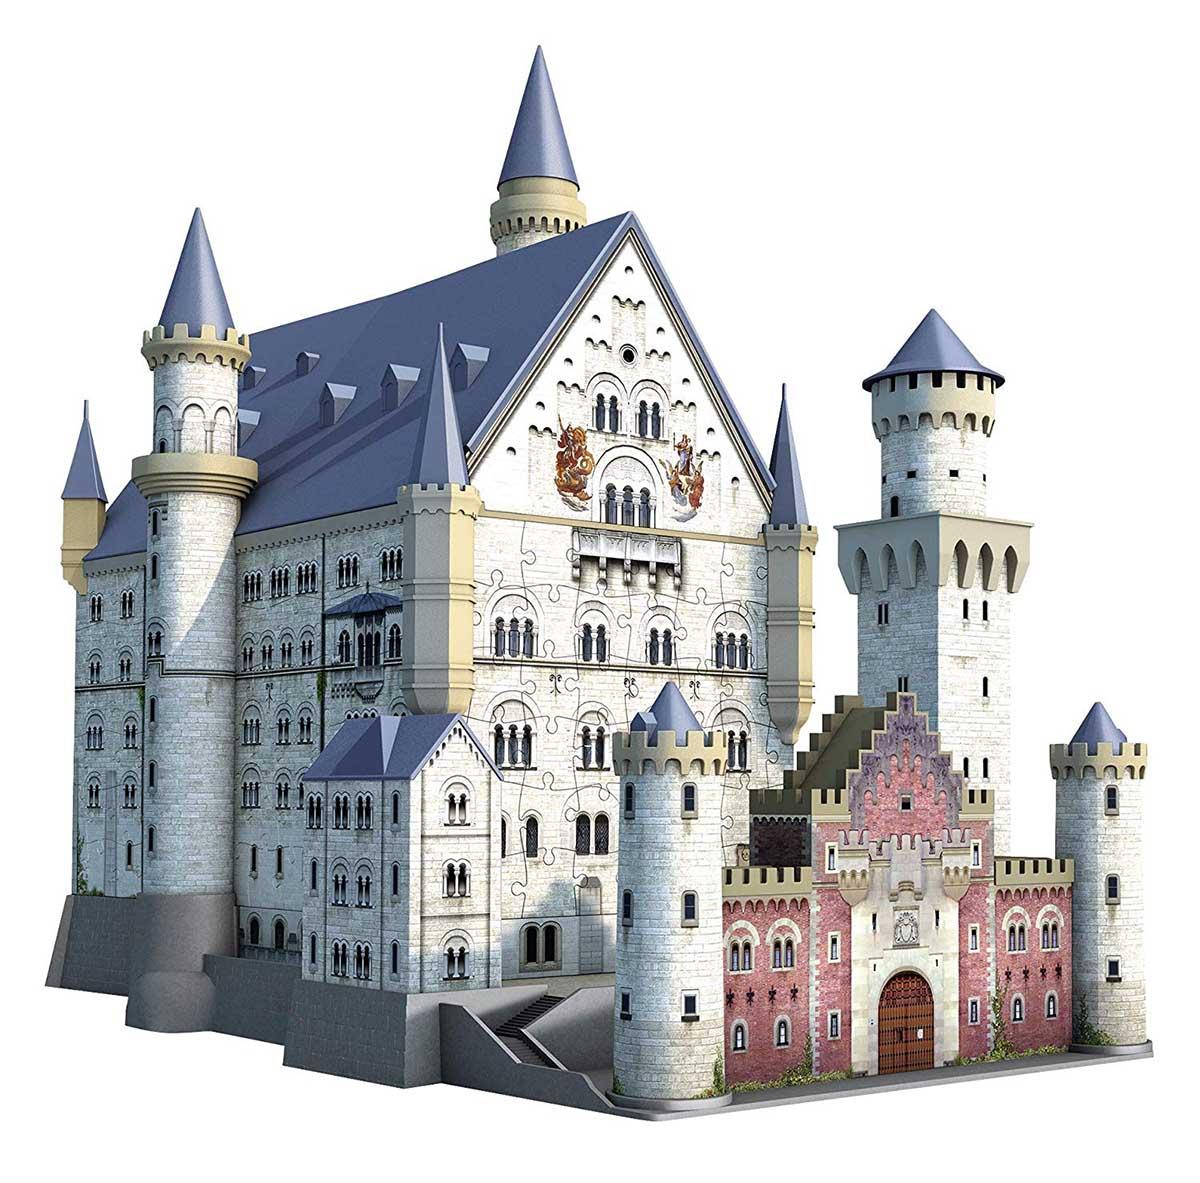 Schloss Neuschwanstein 3D Castles Jigsaw Puzzle